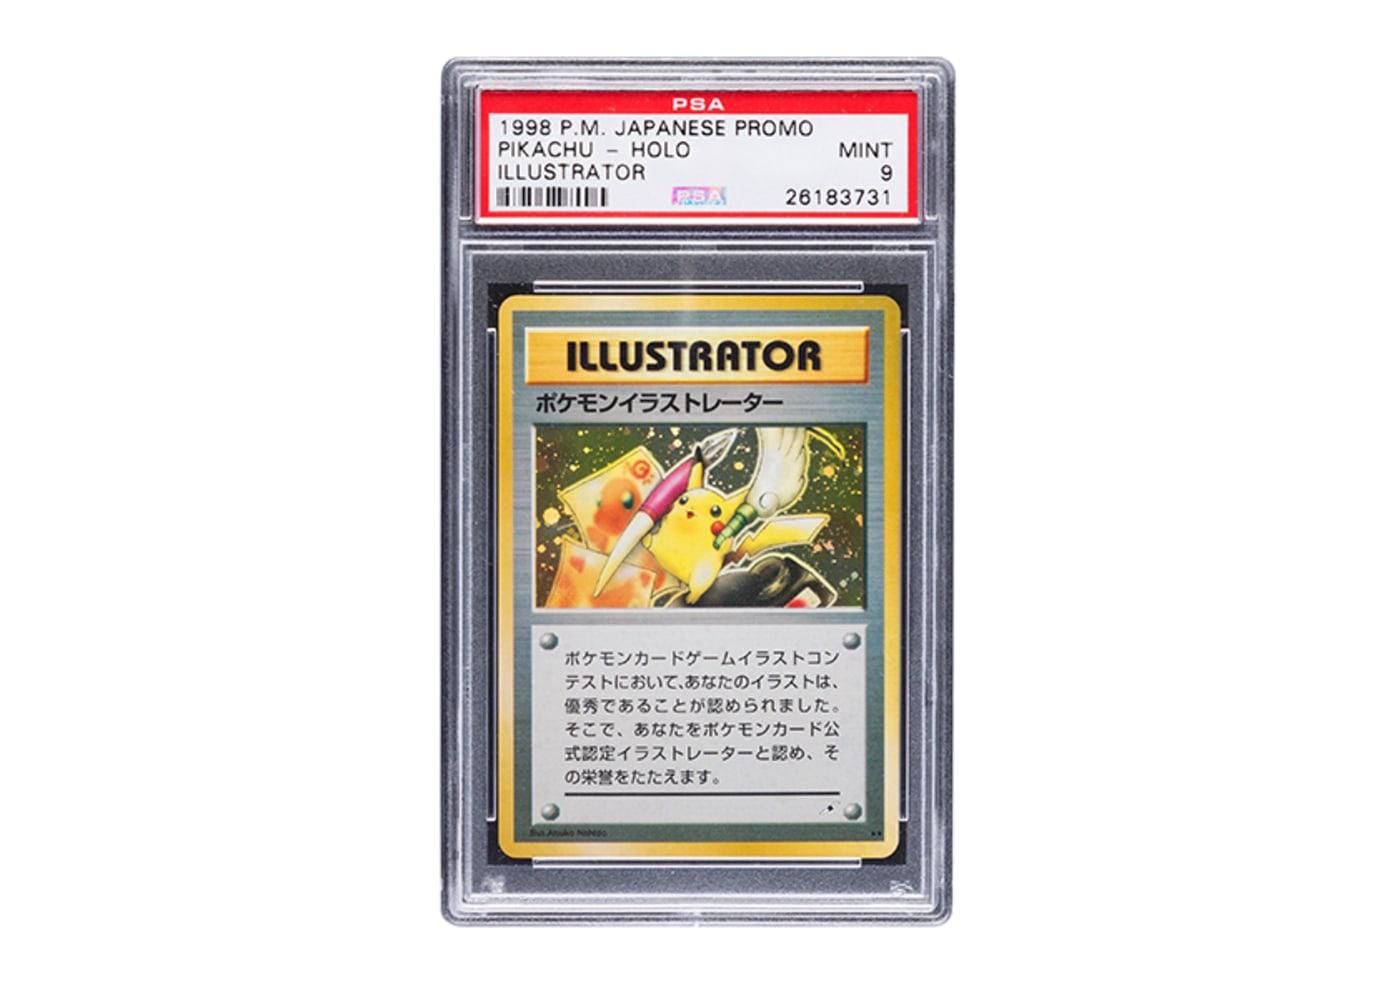 Pokémon Card Sells for R2.9 Million